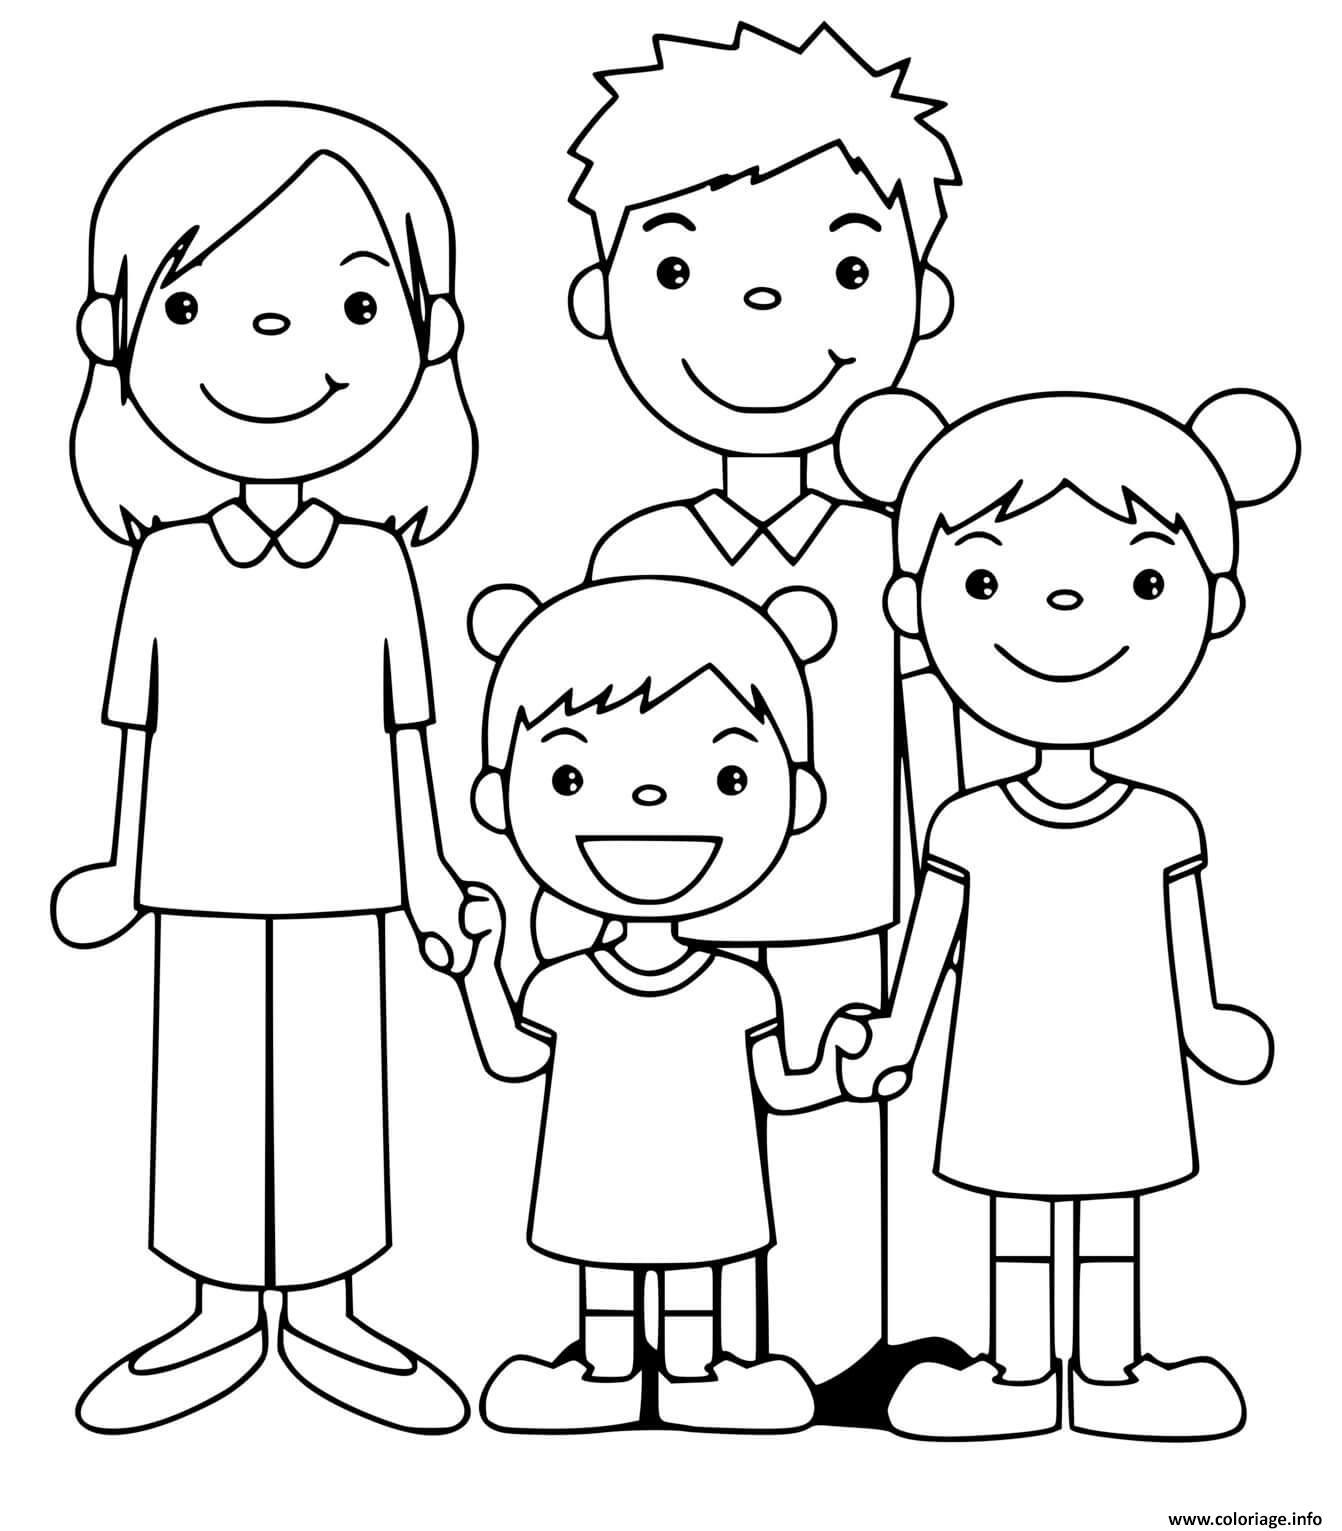 Dessin famille enfants parents papa mama Coloriage Gratuit à Imprimer